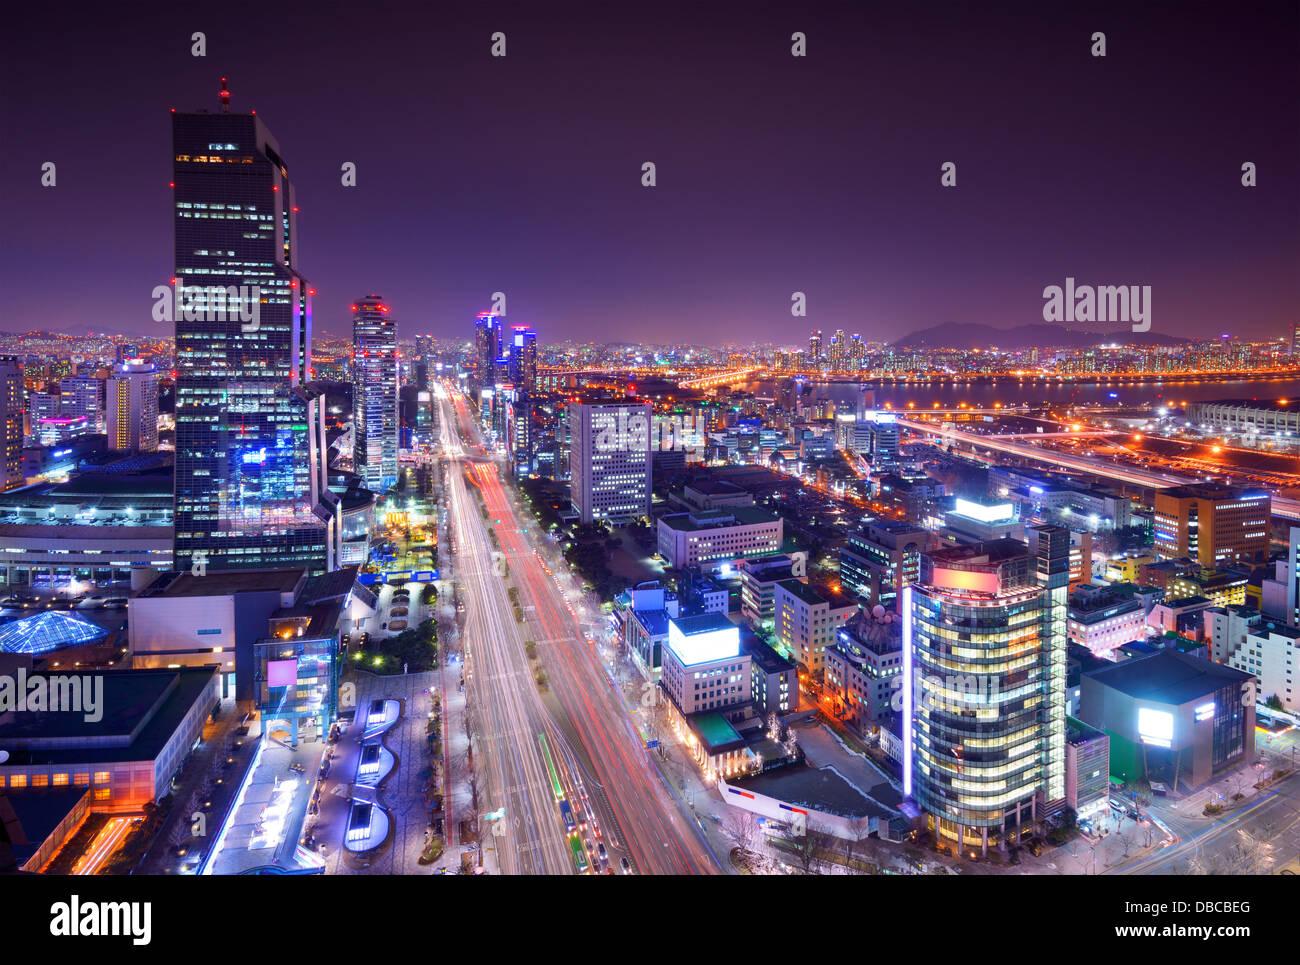 Distrito de Gangnam de Seúl, Corea del Sur skyline en la noche. Imagen De Stock